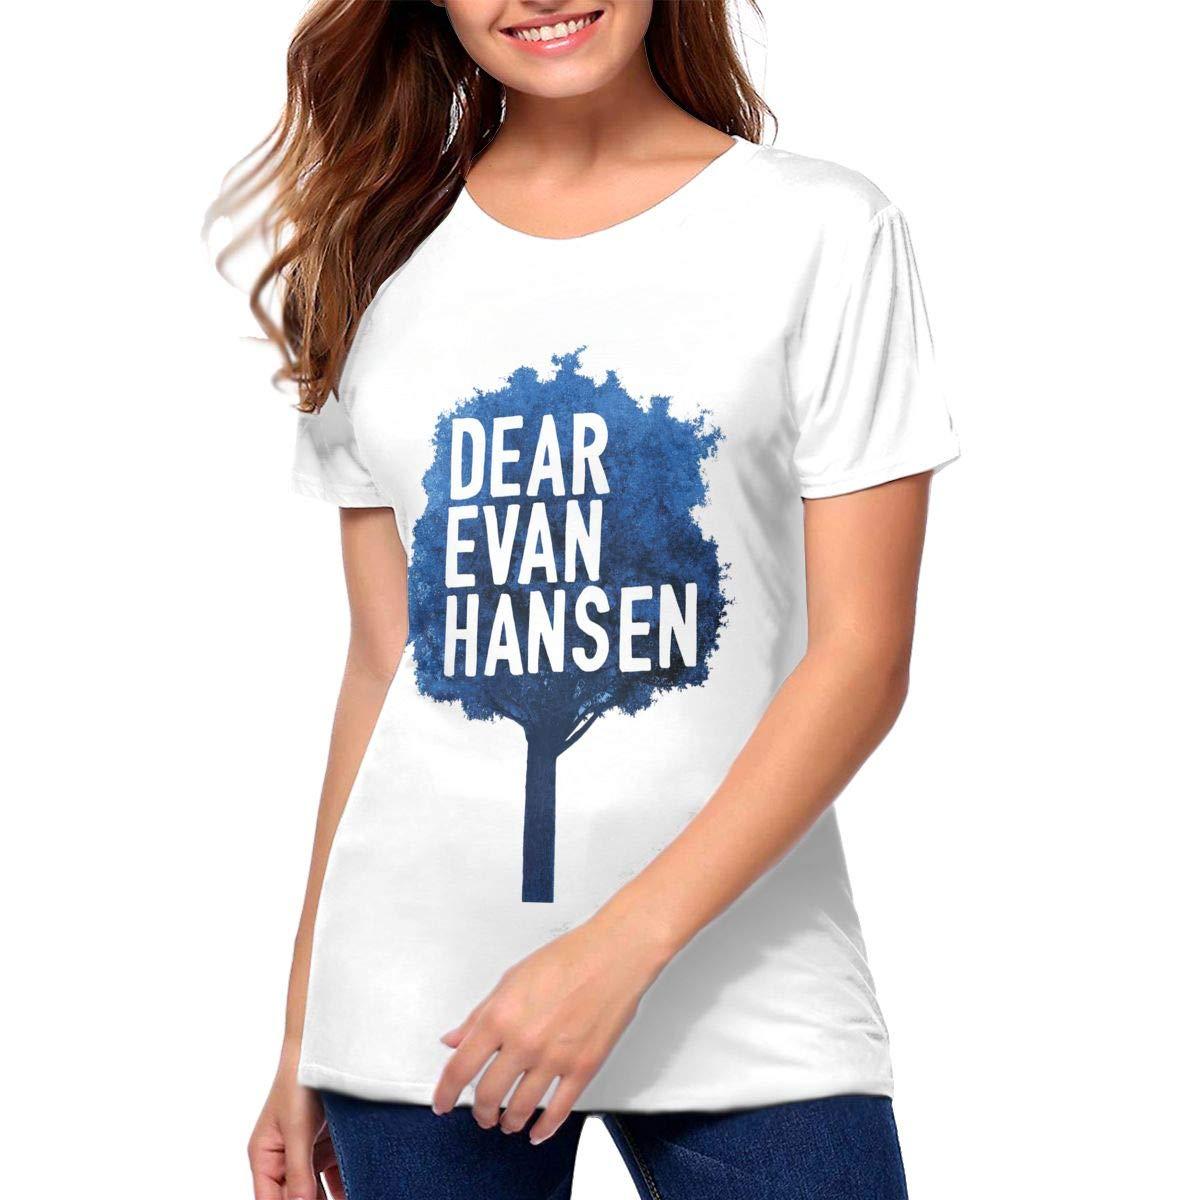 Dear Evan Hansen Dangerous Woman Friend T Shirt 7477